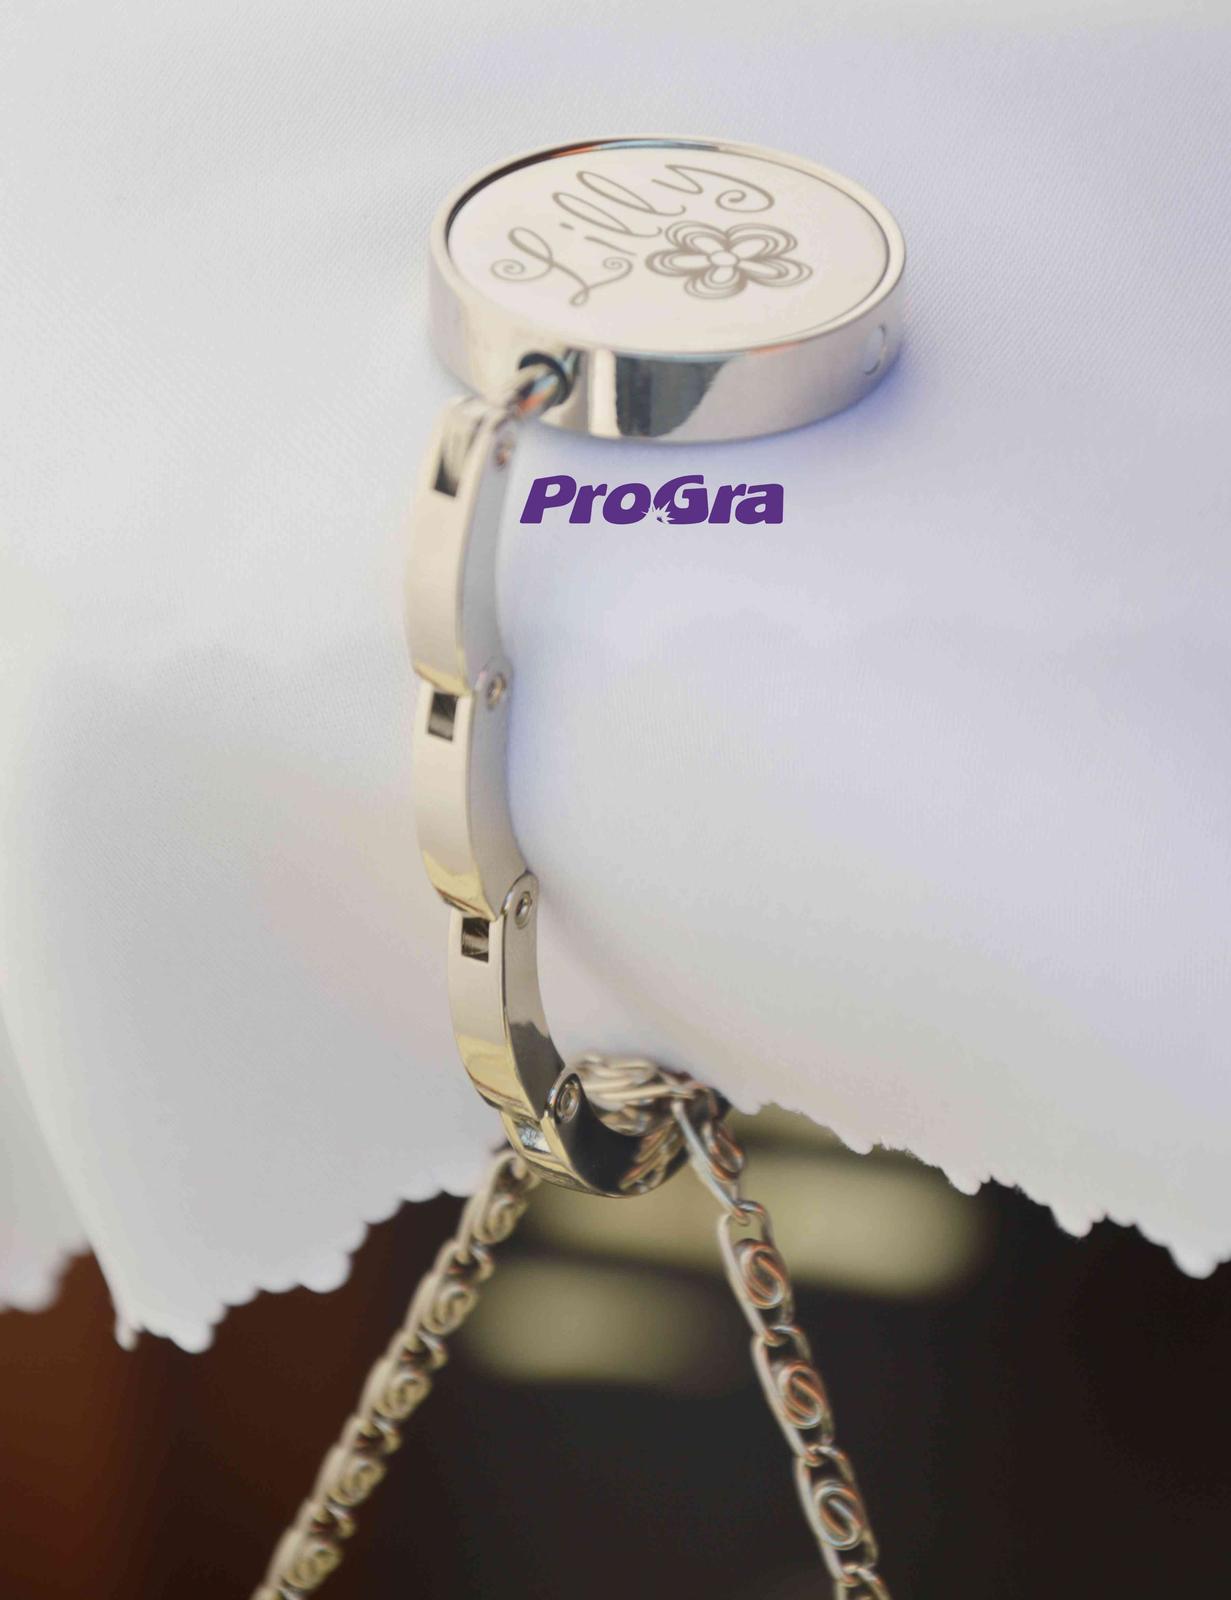 Originální Svatební Doplňky - Držák na kabelku s krásným gravírováním - dle Vašich přání.